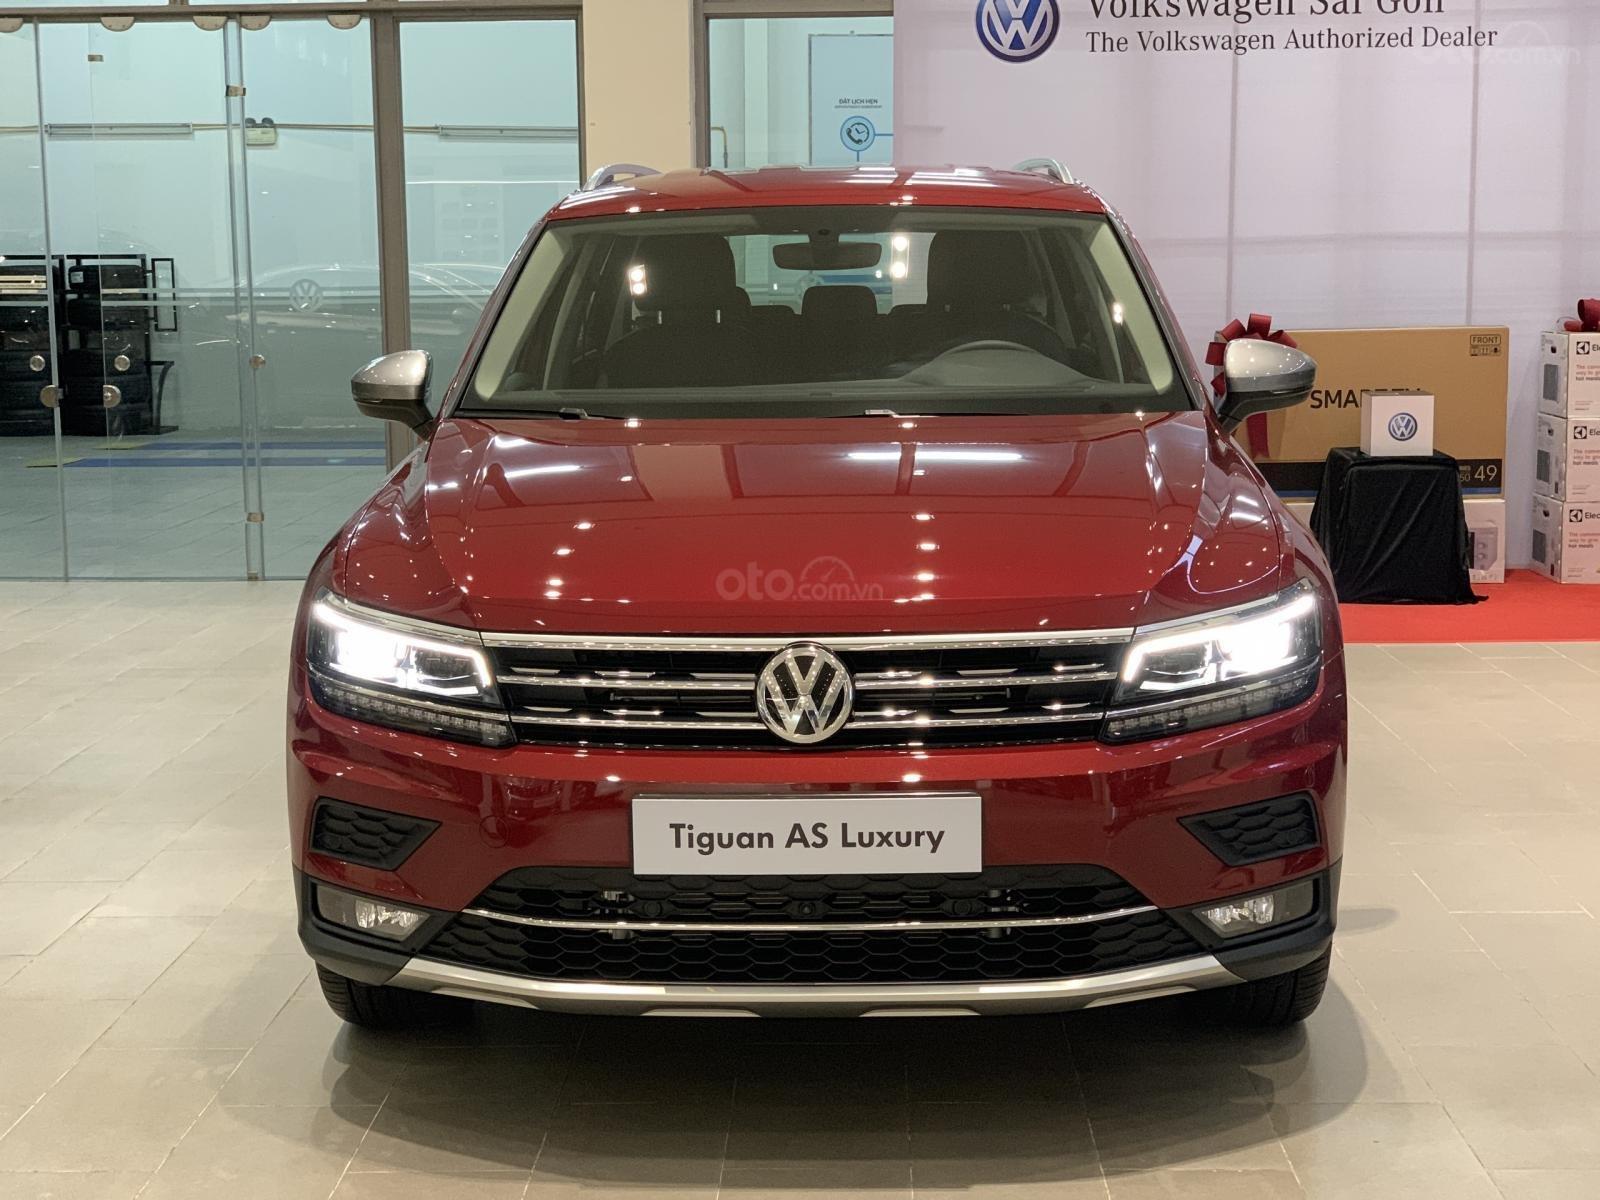 Bán xe Volkswagen Tiguan Allspace Luxury SUV 7 chỗ nhập khẩu chính hãng, đủ màu xe giao ngay, LH: 0933 365 188-3